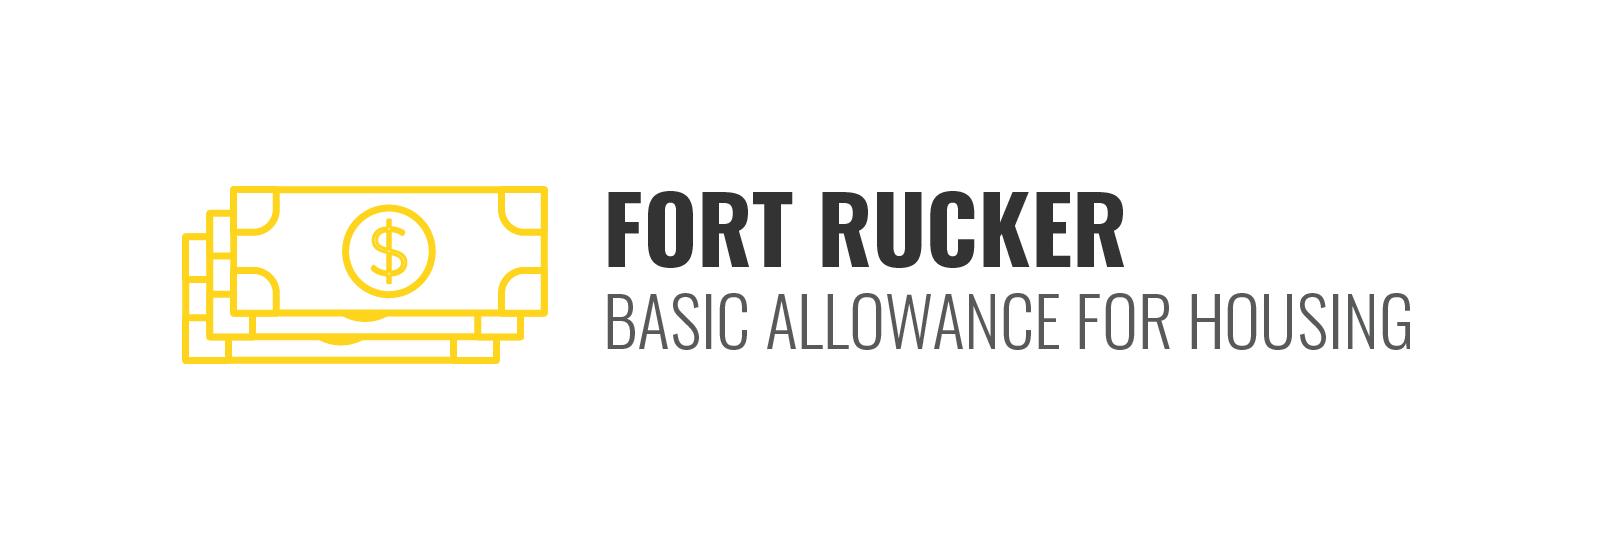 Fort Rucker BAH